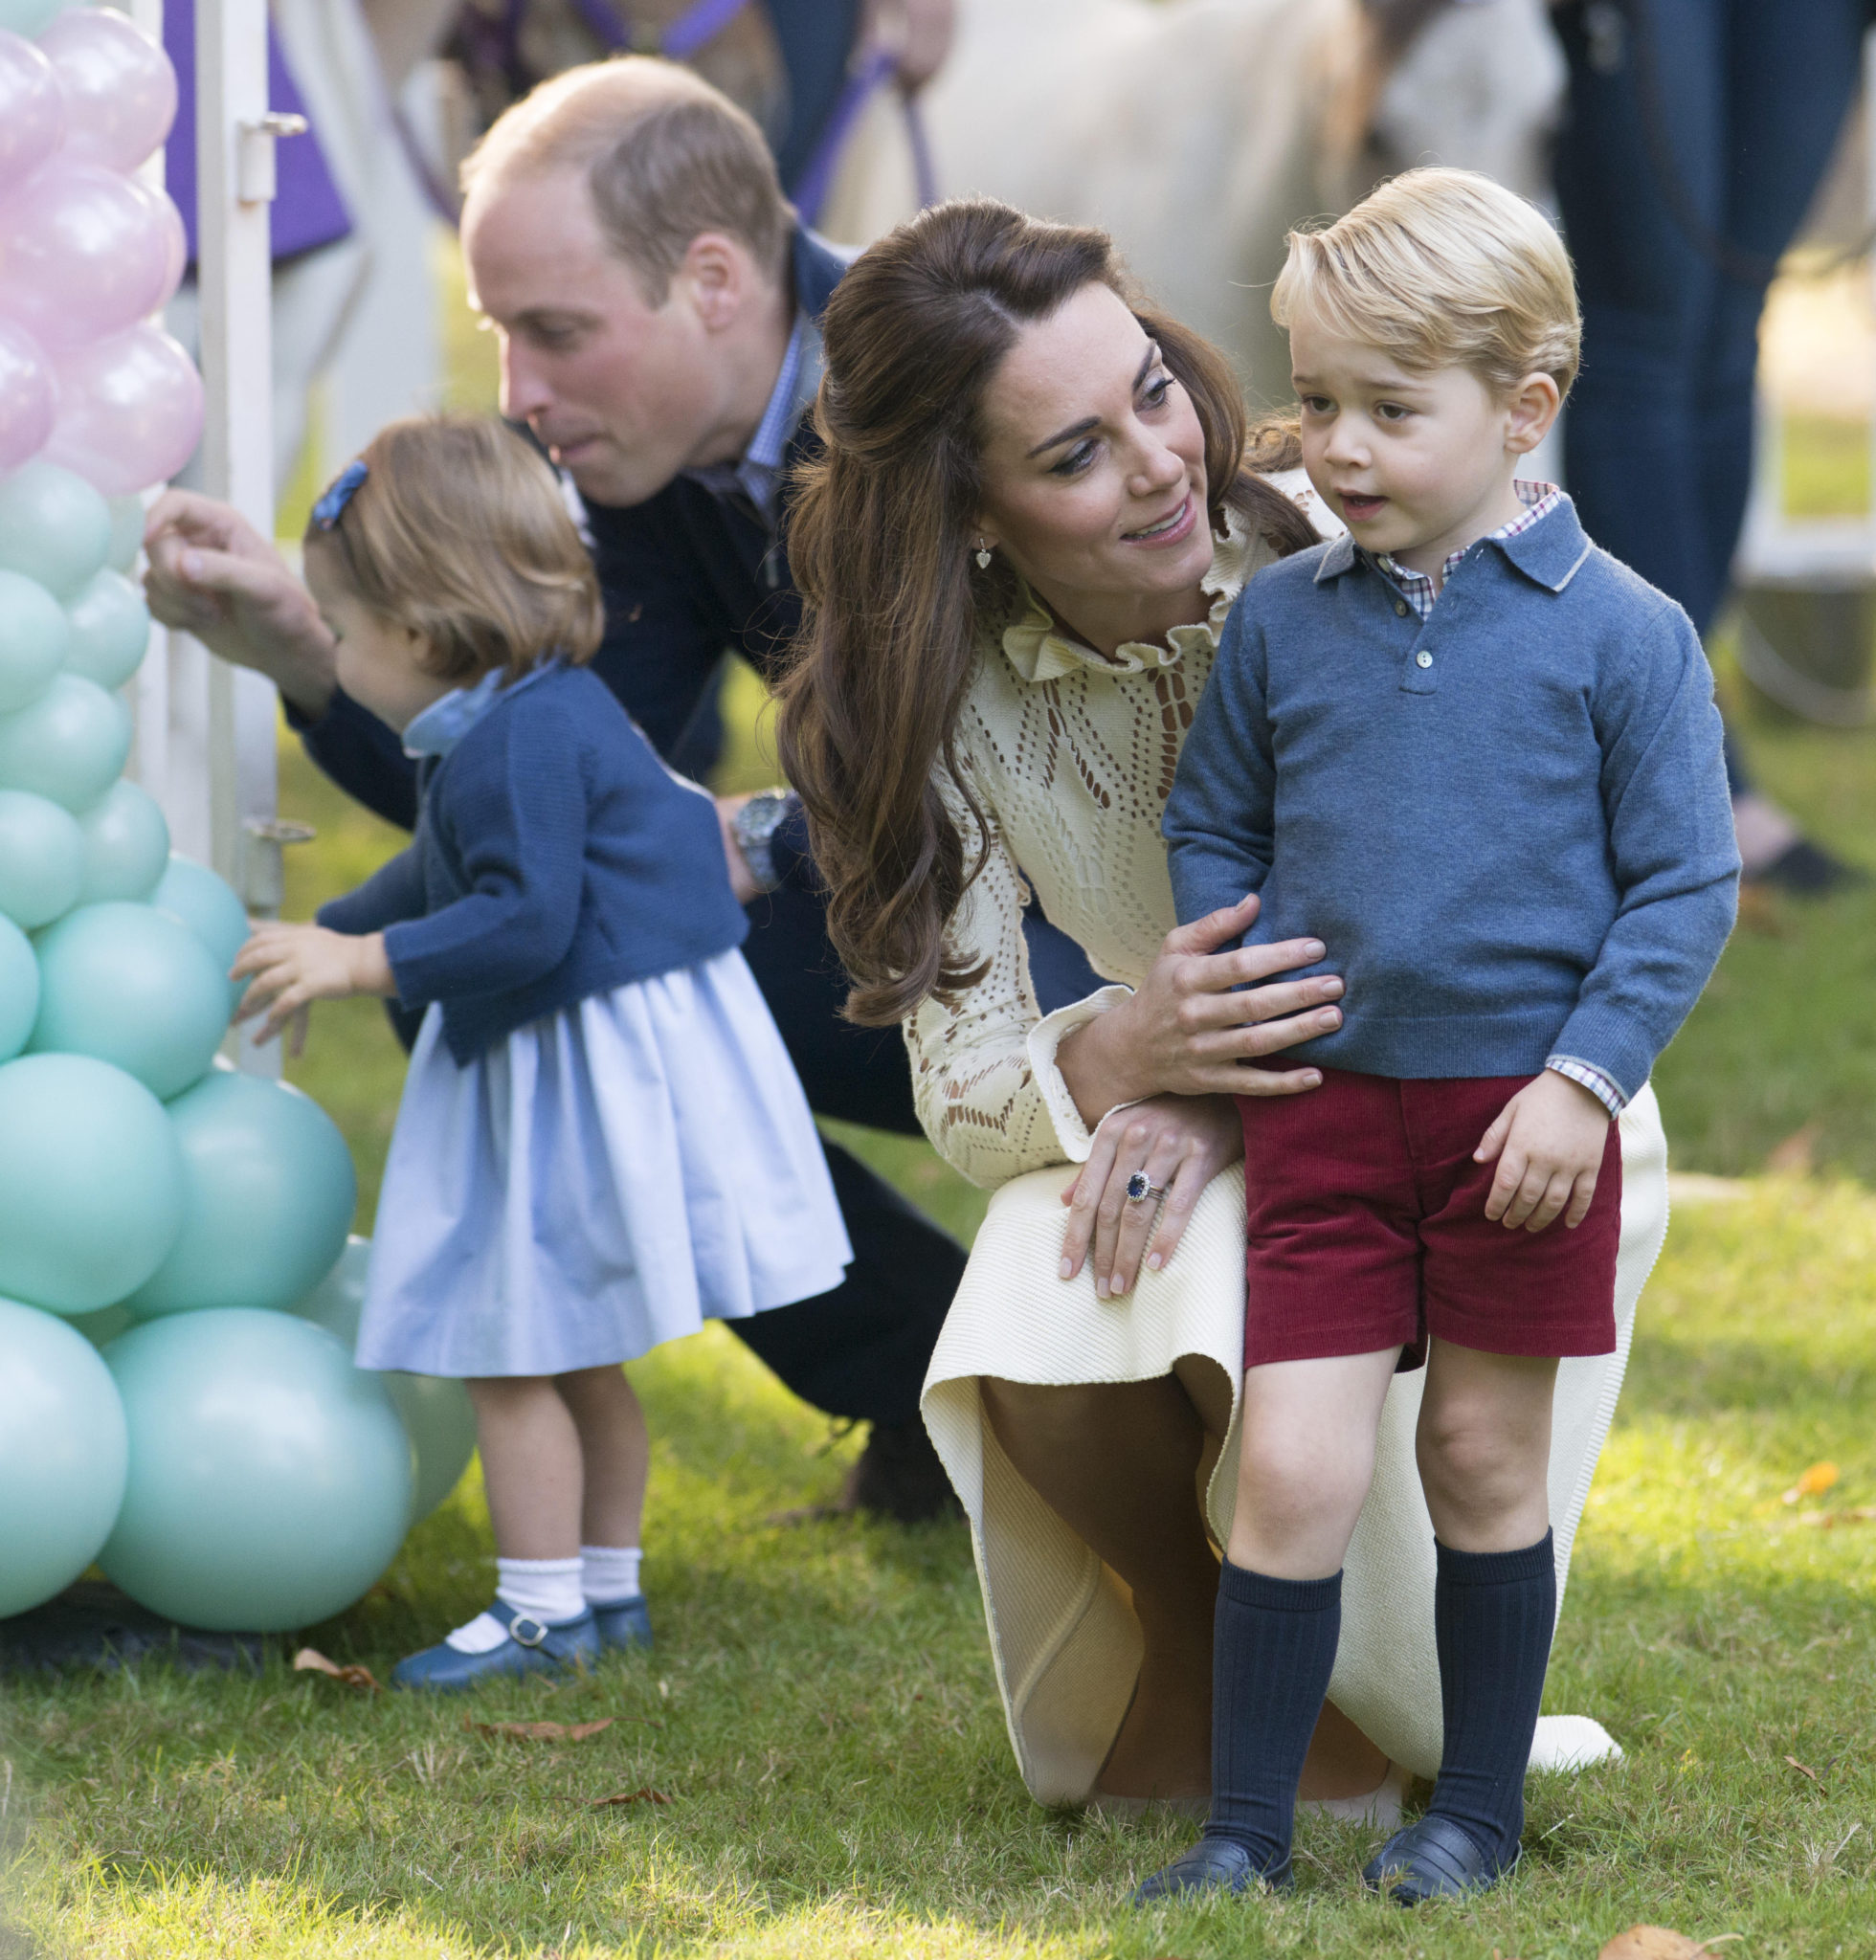 Najpiękniejsze zdjęcia rodziny królewskiej – Kate, William, George i Charlotte w ogrodzie